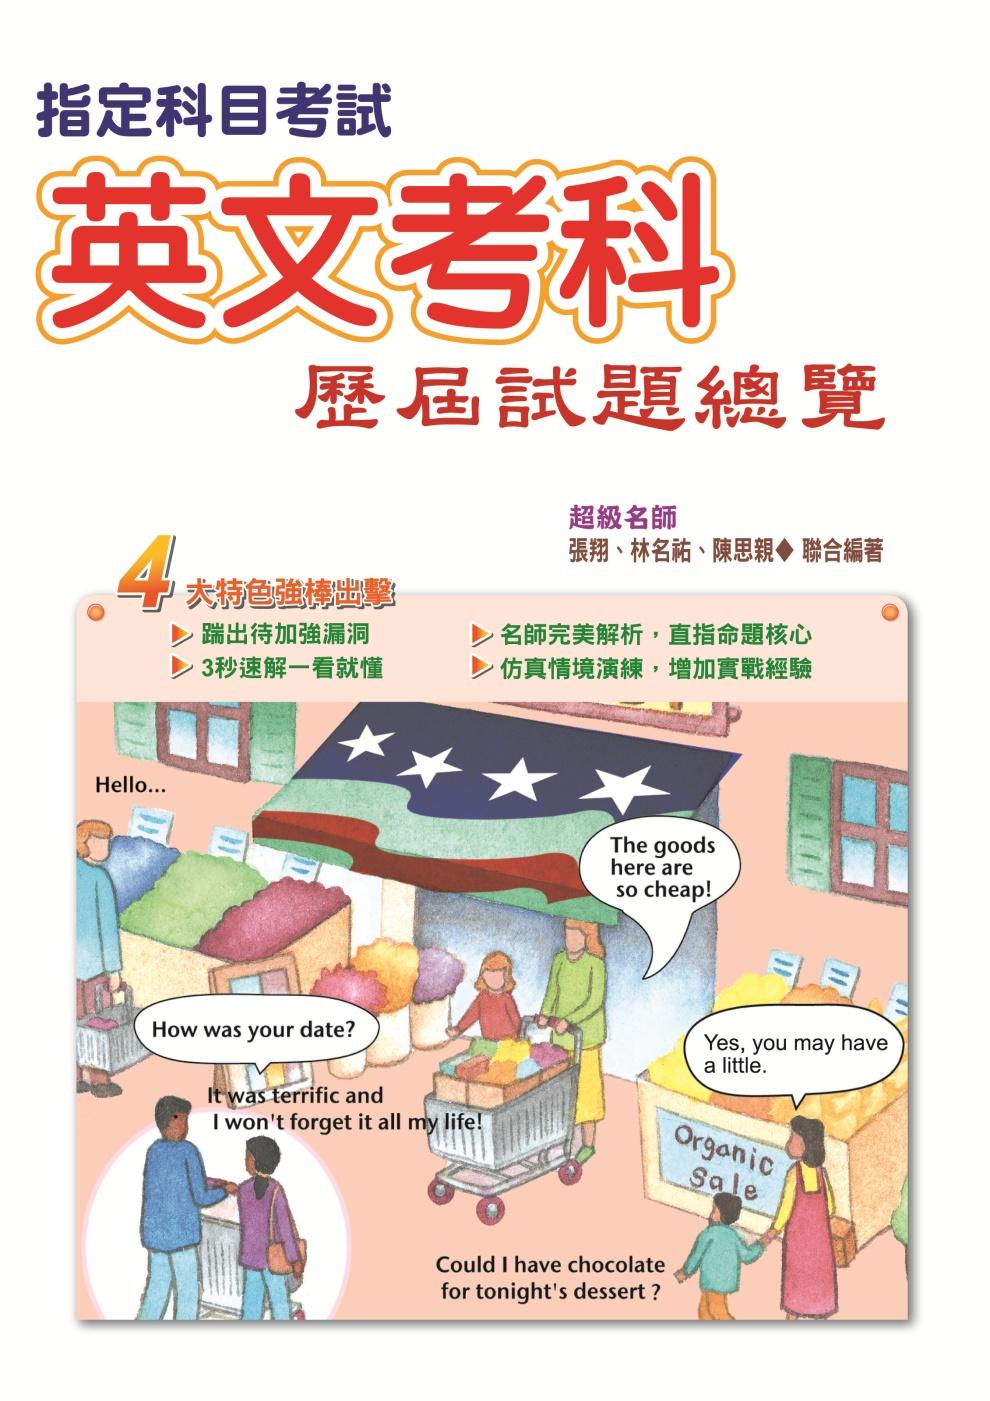 107指定科目考試英文考科歷屆試題總覽